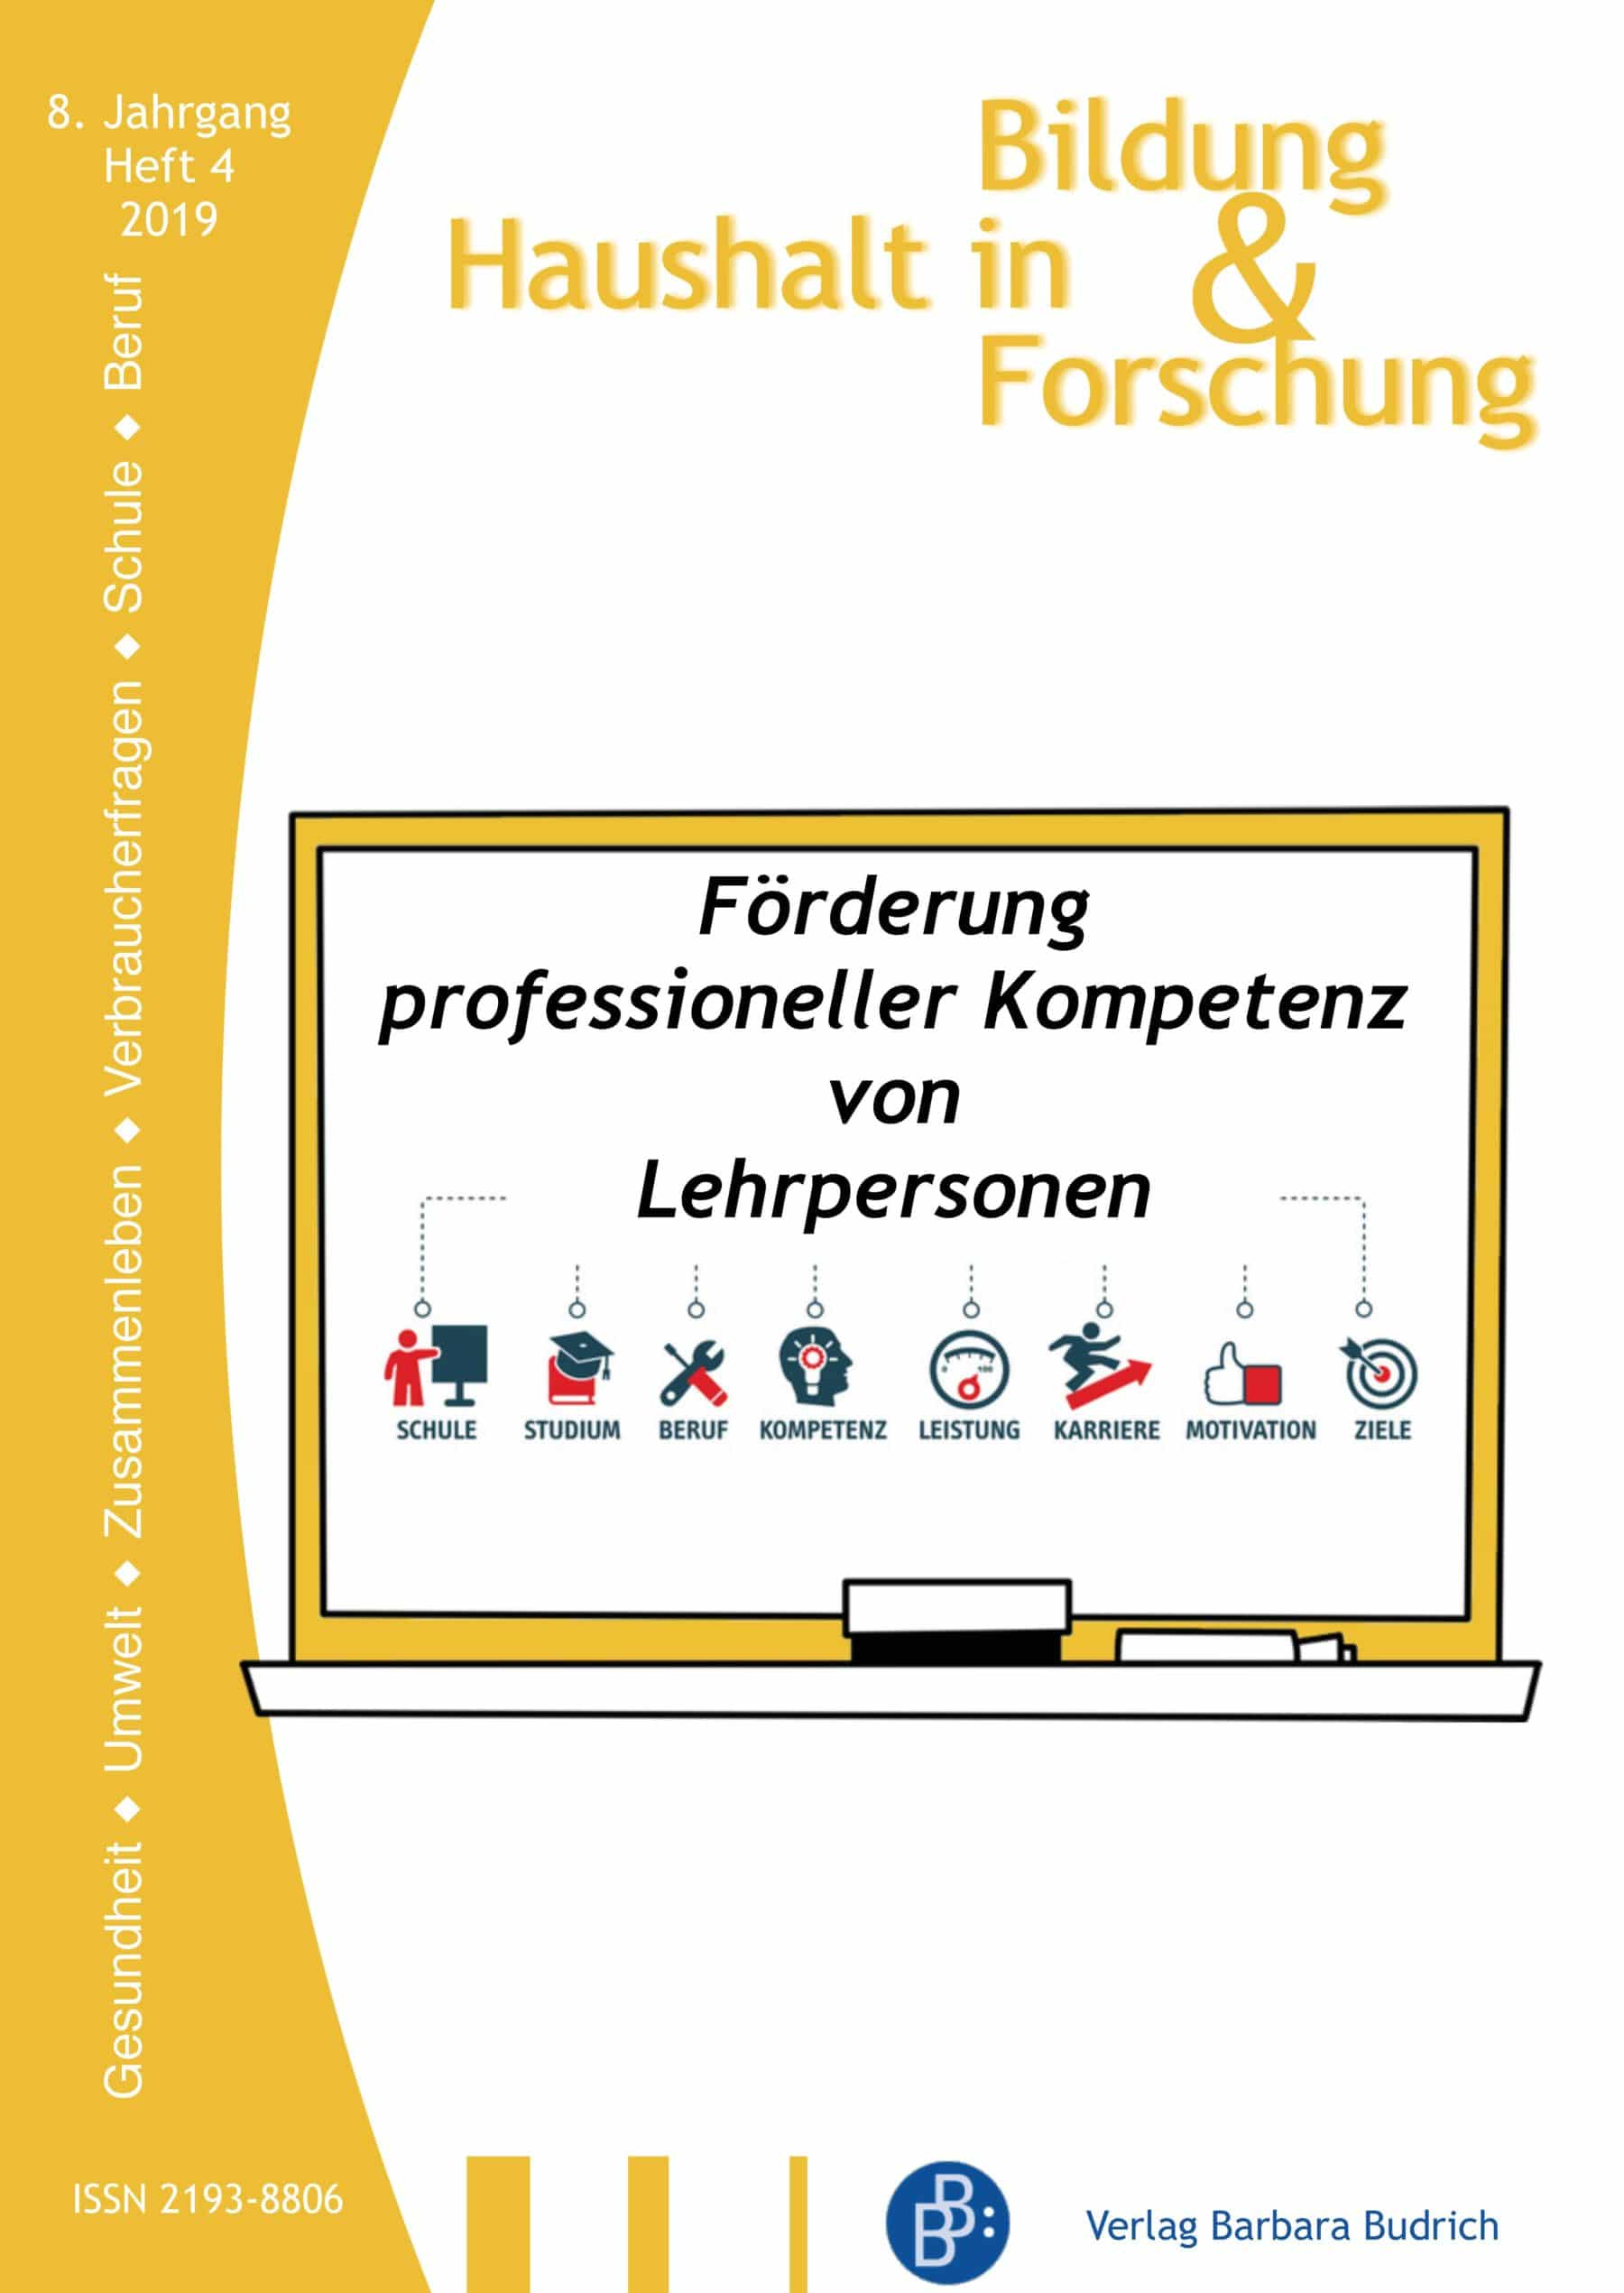 HiBiFo – Haushalt in Bildung & Forschung 4-2019: Förderung professioneller Kompetenz von Lehrpersonen